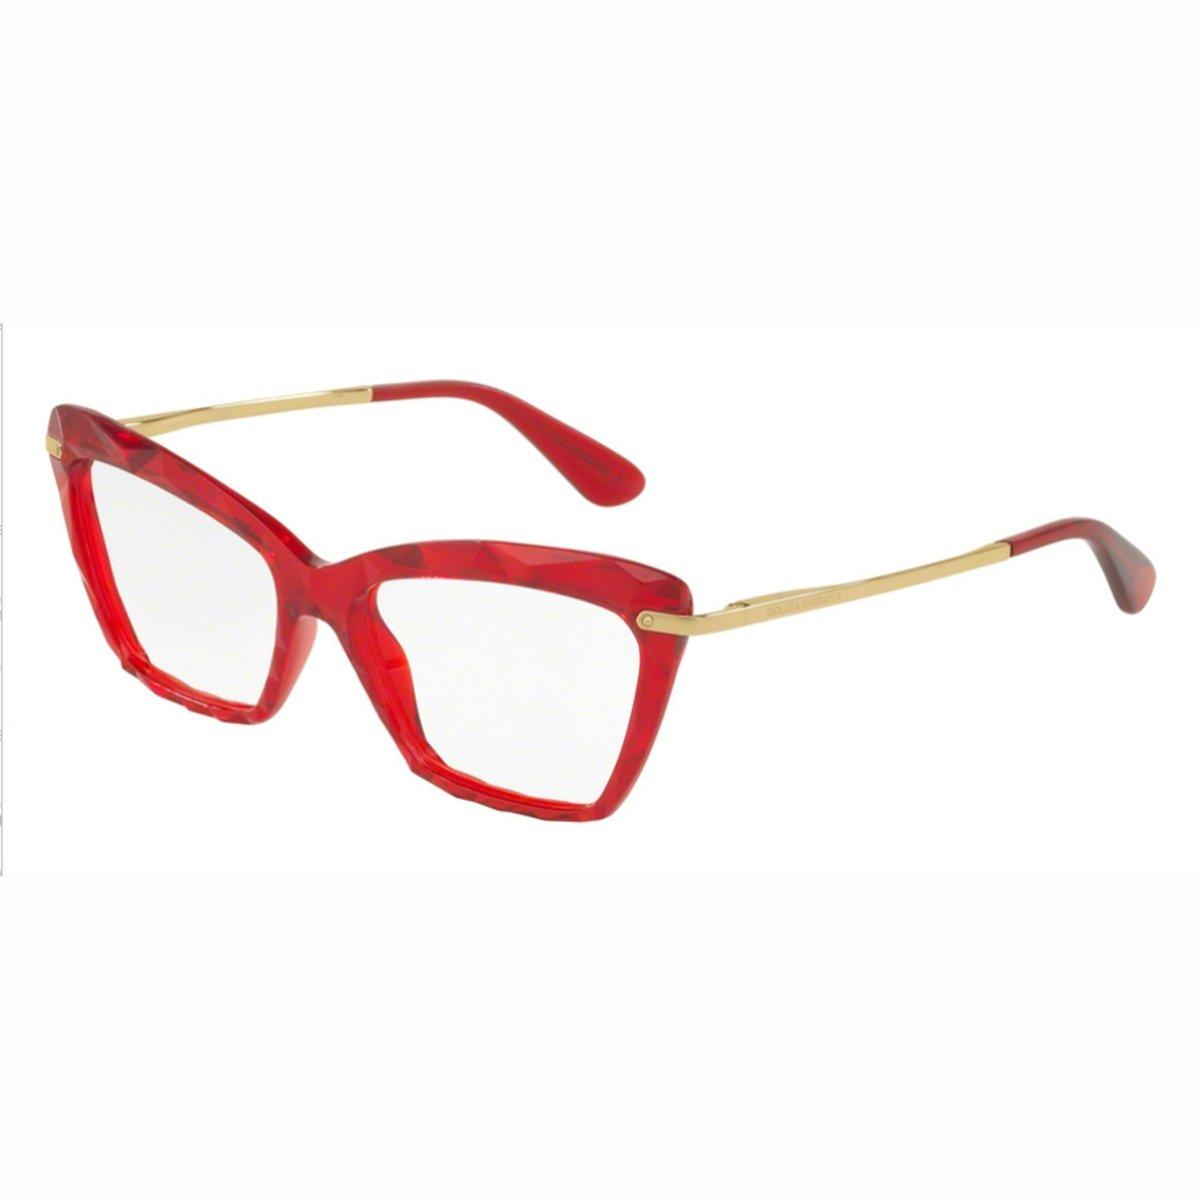 b565f8a9e5190 Compre Óculos de Grau Dolce   Gabbana em 10X